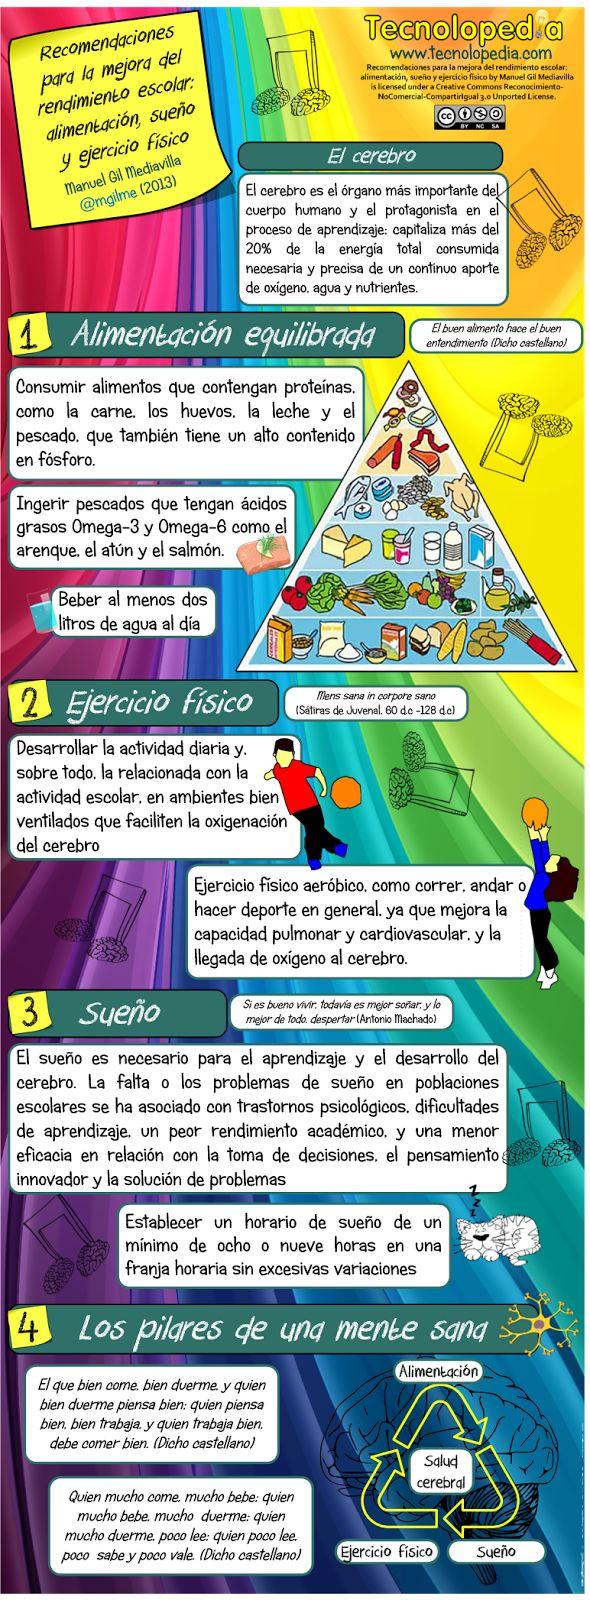 Recomendaciones para mejorar el rendimiento escolar #infografia #infographic #education